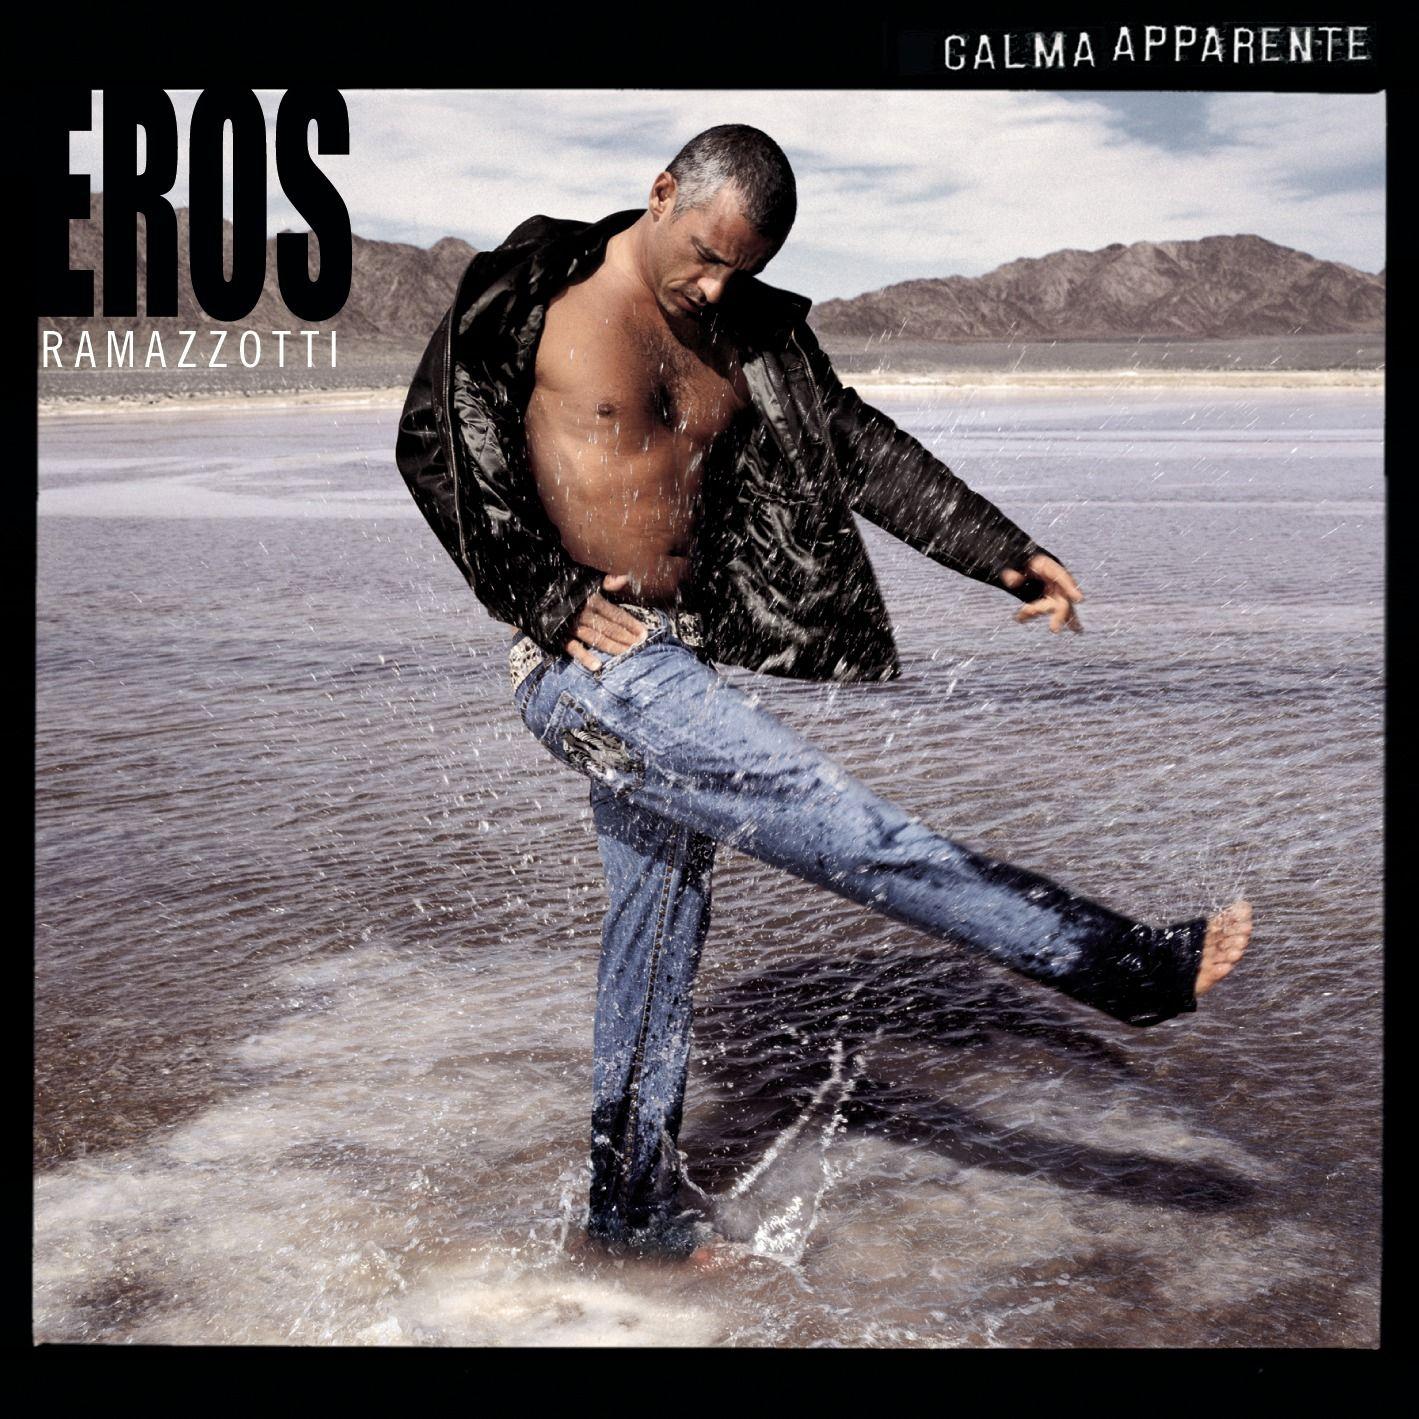 Eros Ramazzotti - Calma Apparente album cover